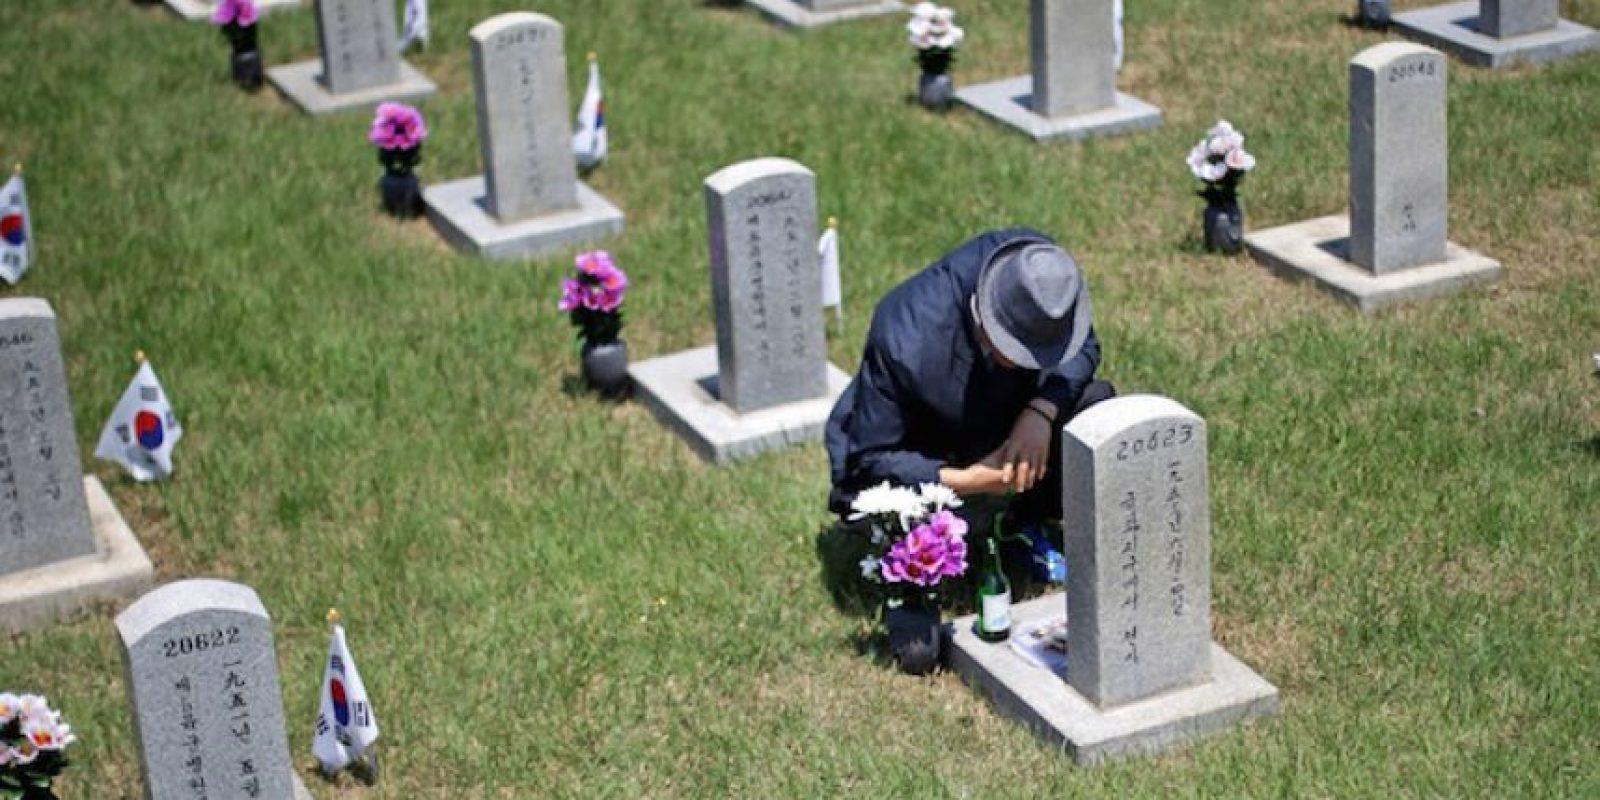 Después de su muerte su madre aseveró que su hija había sido enterrada viva. Cuando fueron a rescatarla, descubrieron que así había sido. Foto:Vía Wikipedia